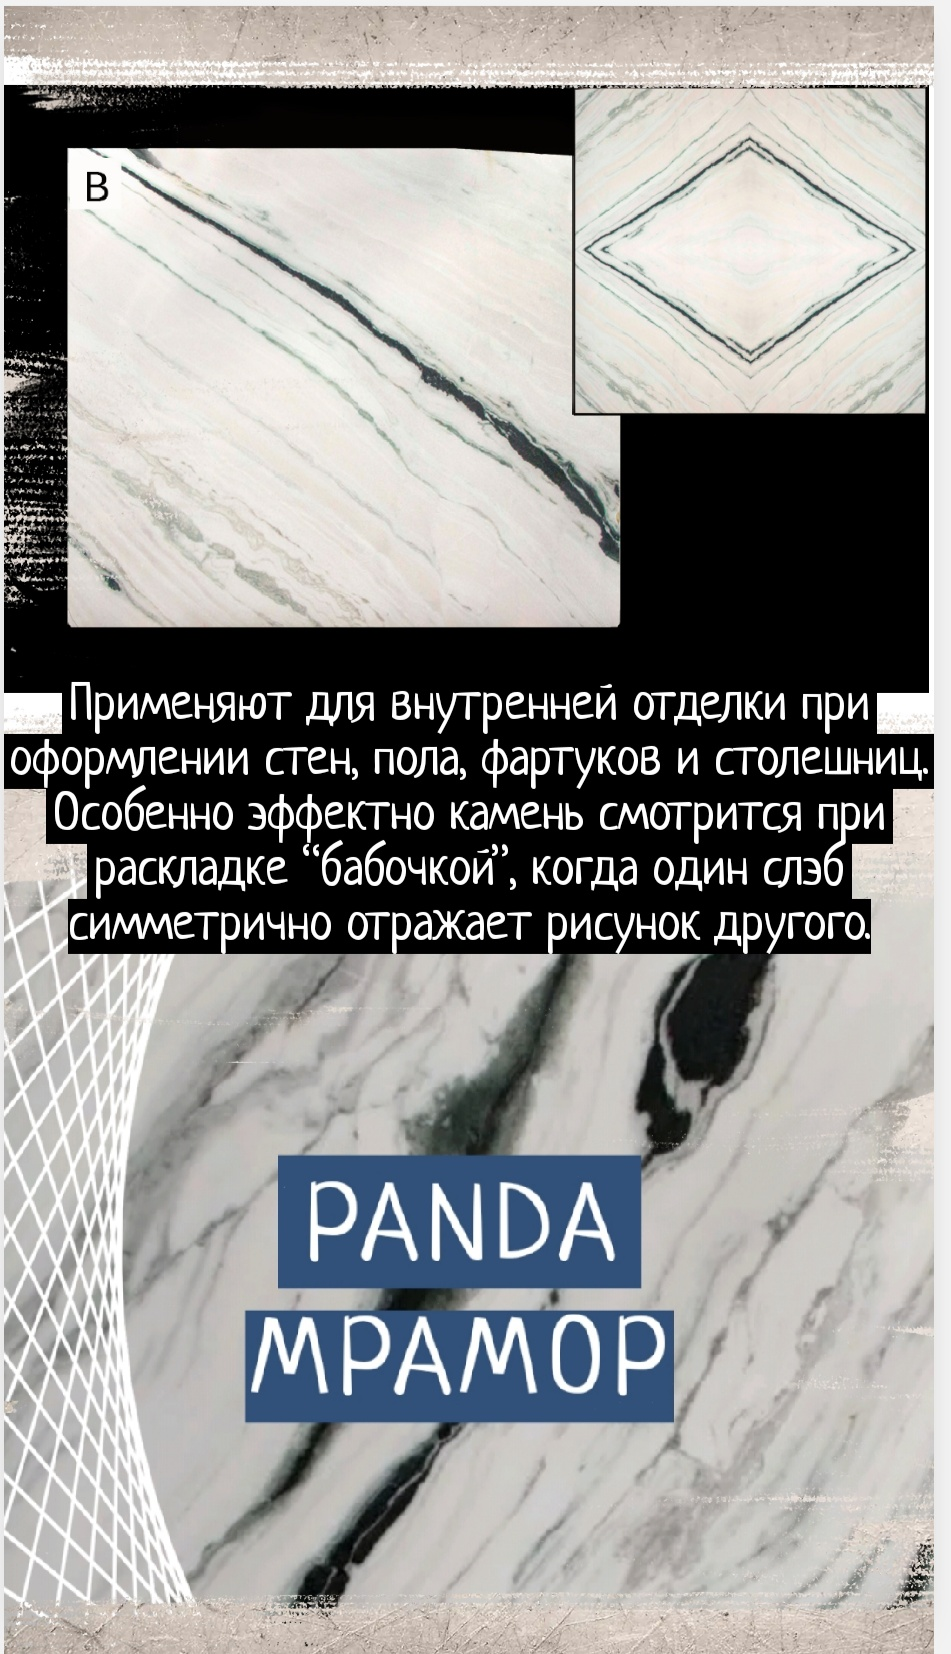 Панда /Panda мрамор